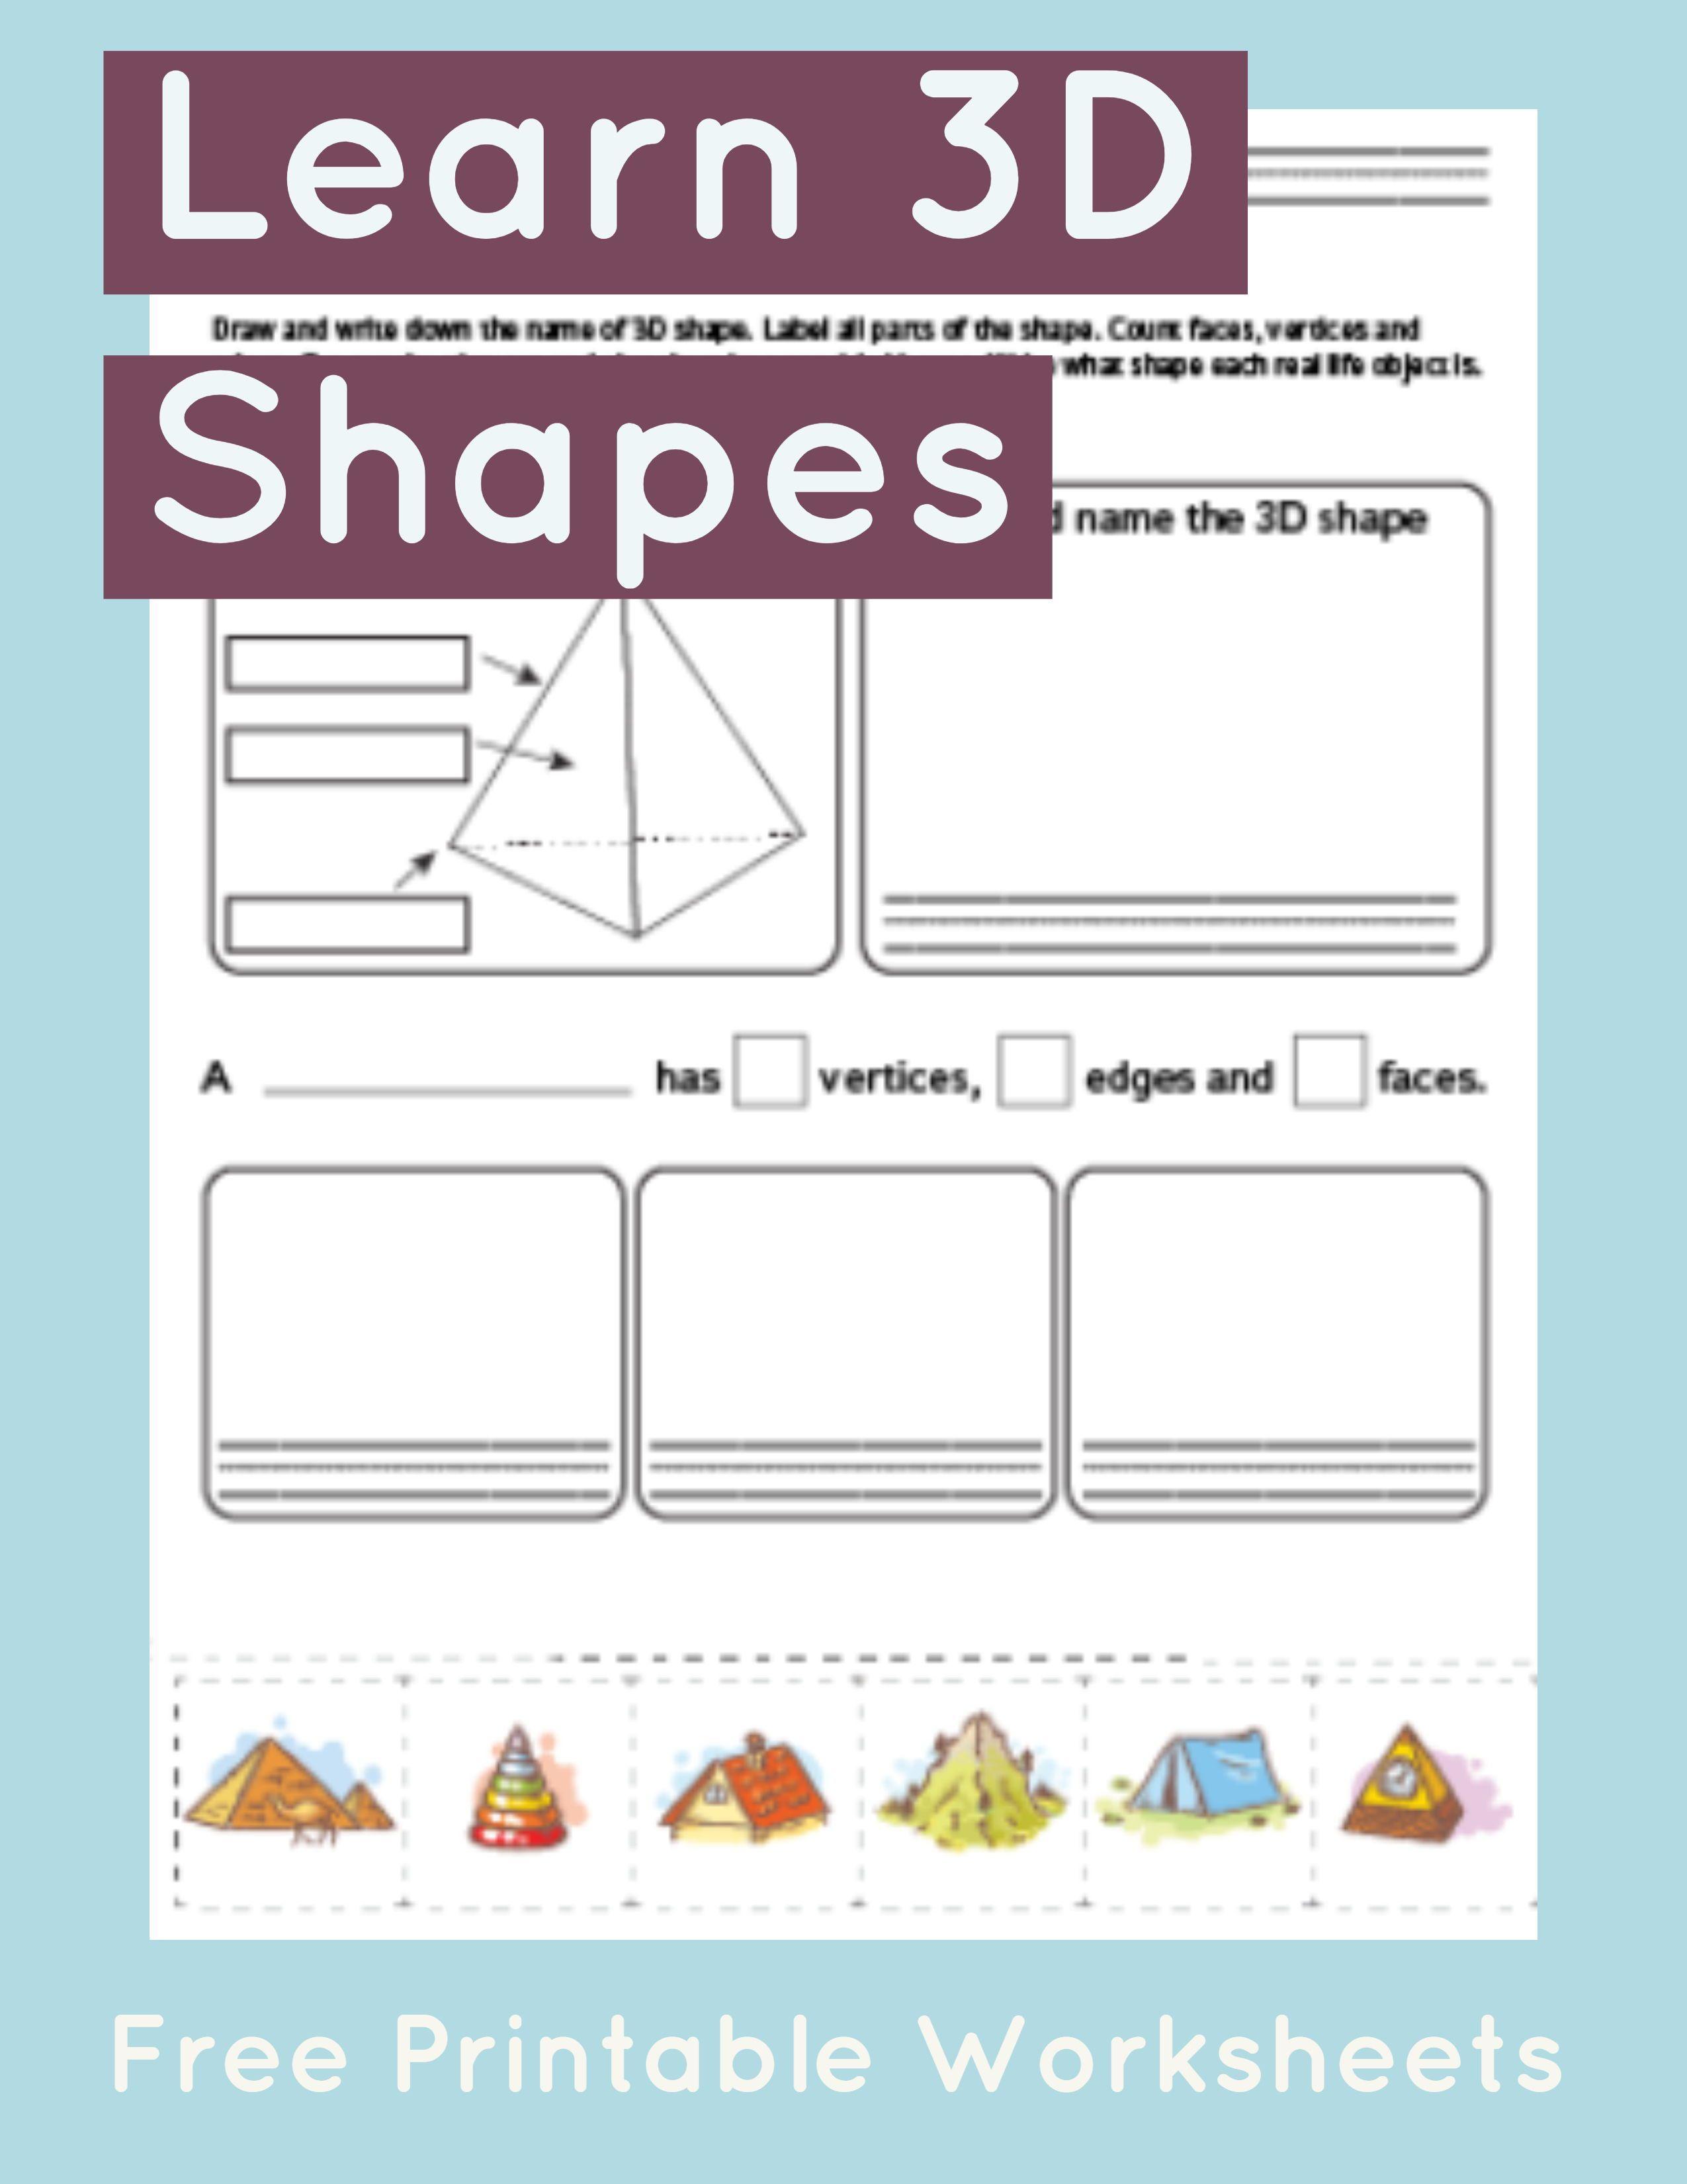 Worksheet On Shapes